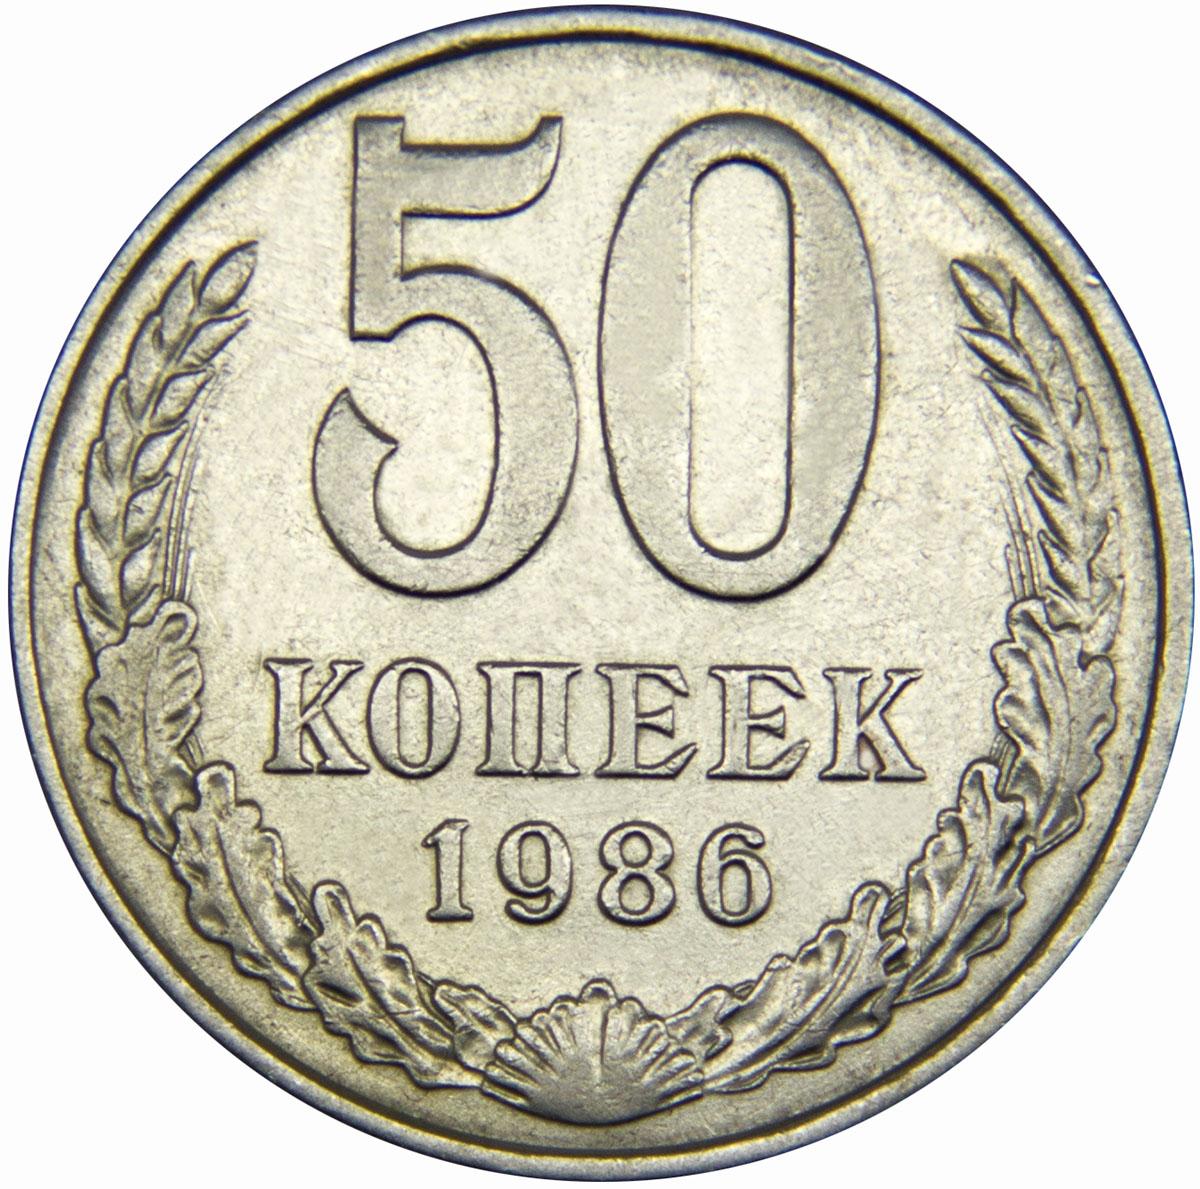 Монета номиналом 50 копеек. Медно-никелевый сплав. Сохранность VF. СССР, 1986 год739Диаметр монеты: 24 мм Вес: 4,4 г. Материал: медь-никель Гурт: надпись